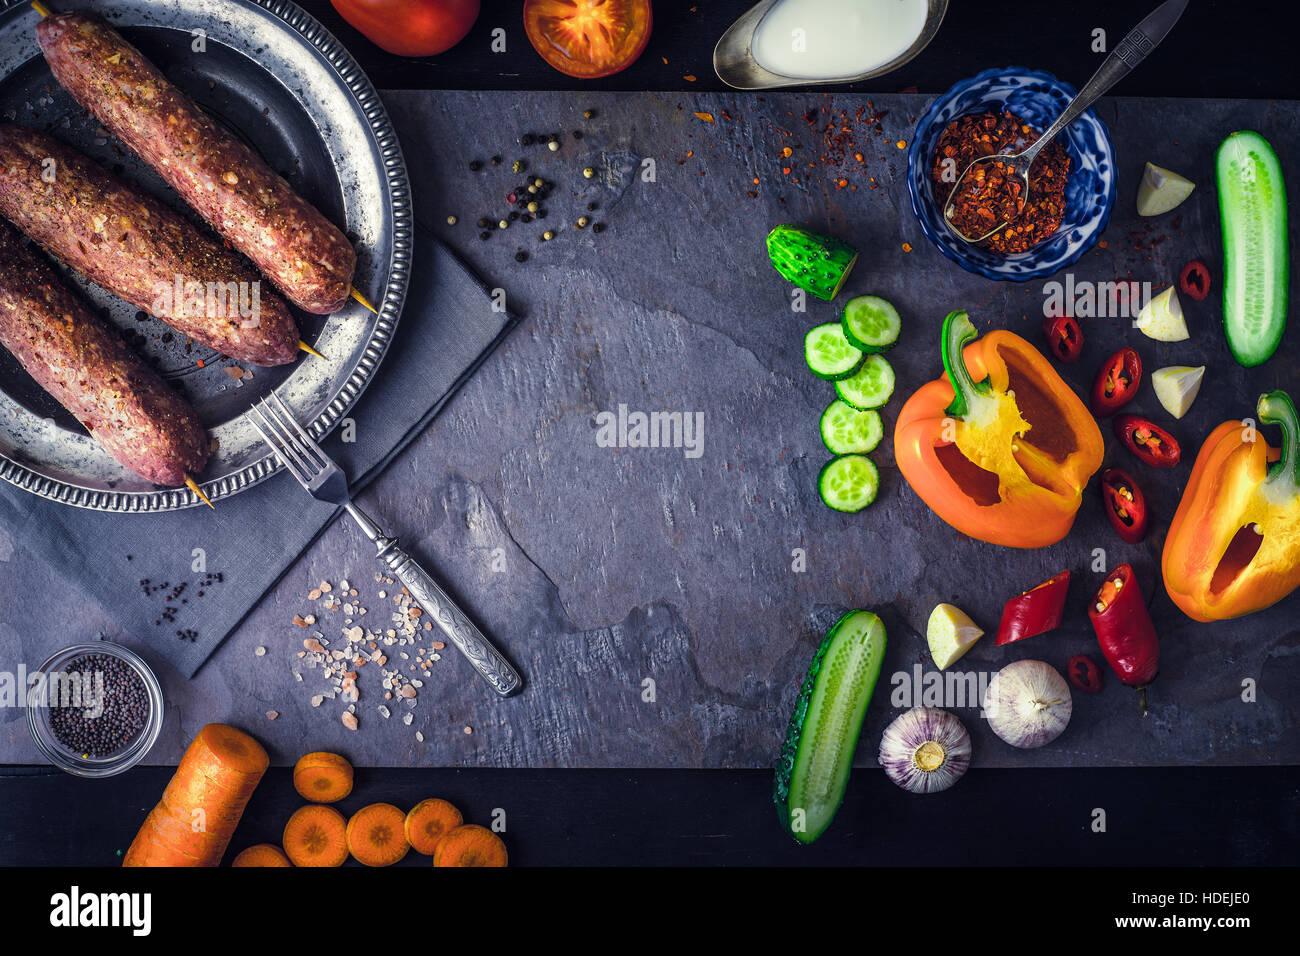 Spiedini con il condimento e vegetali. Concetto Medio Oriente , Asia e cucina caucasica Immagini Stock